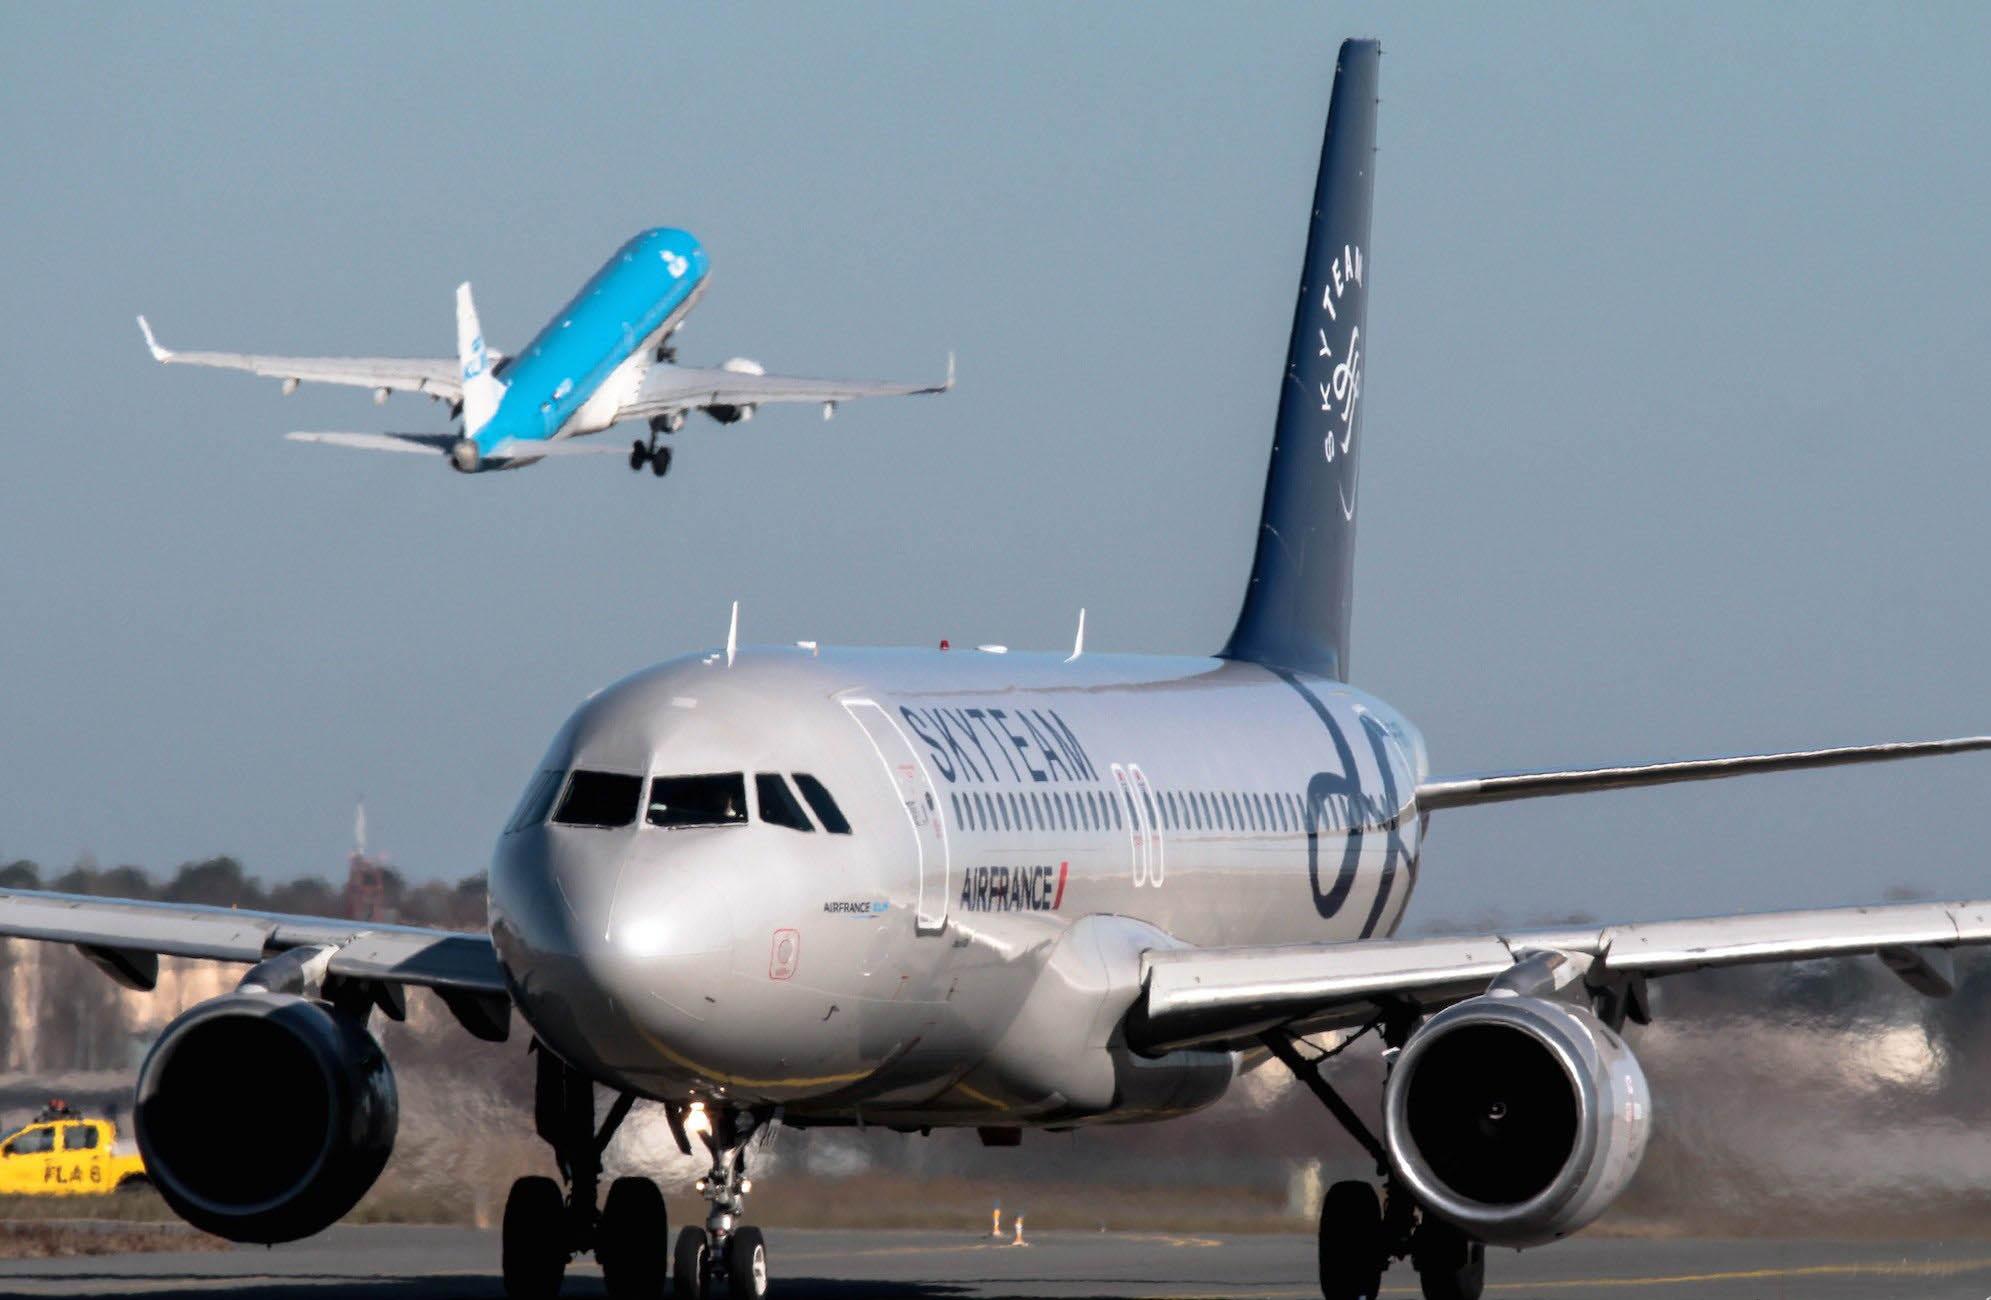 B737 KLM décolle en arrière plan d'un A320 Air France